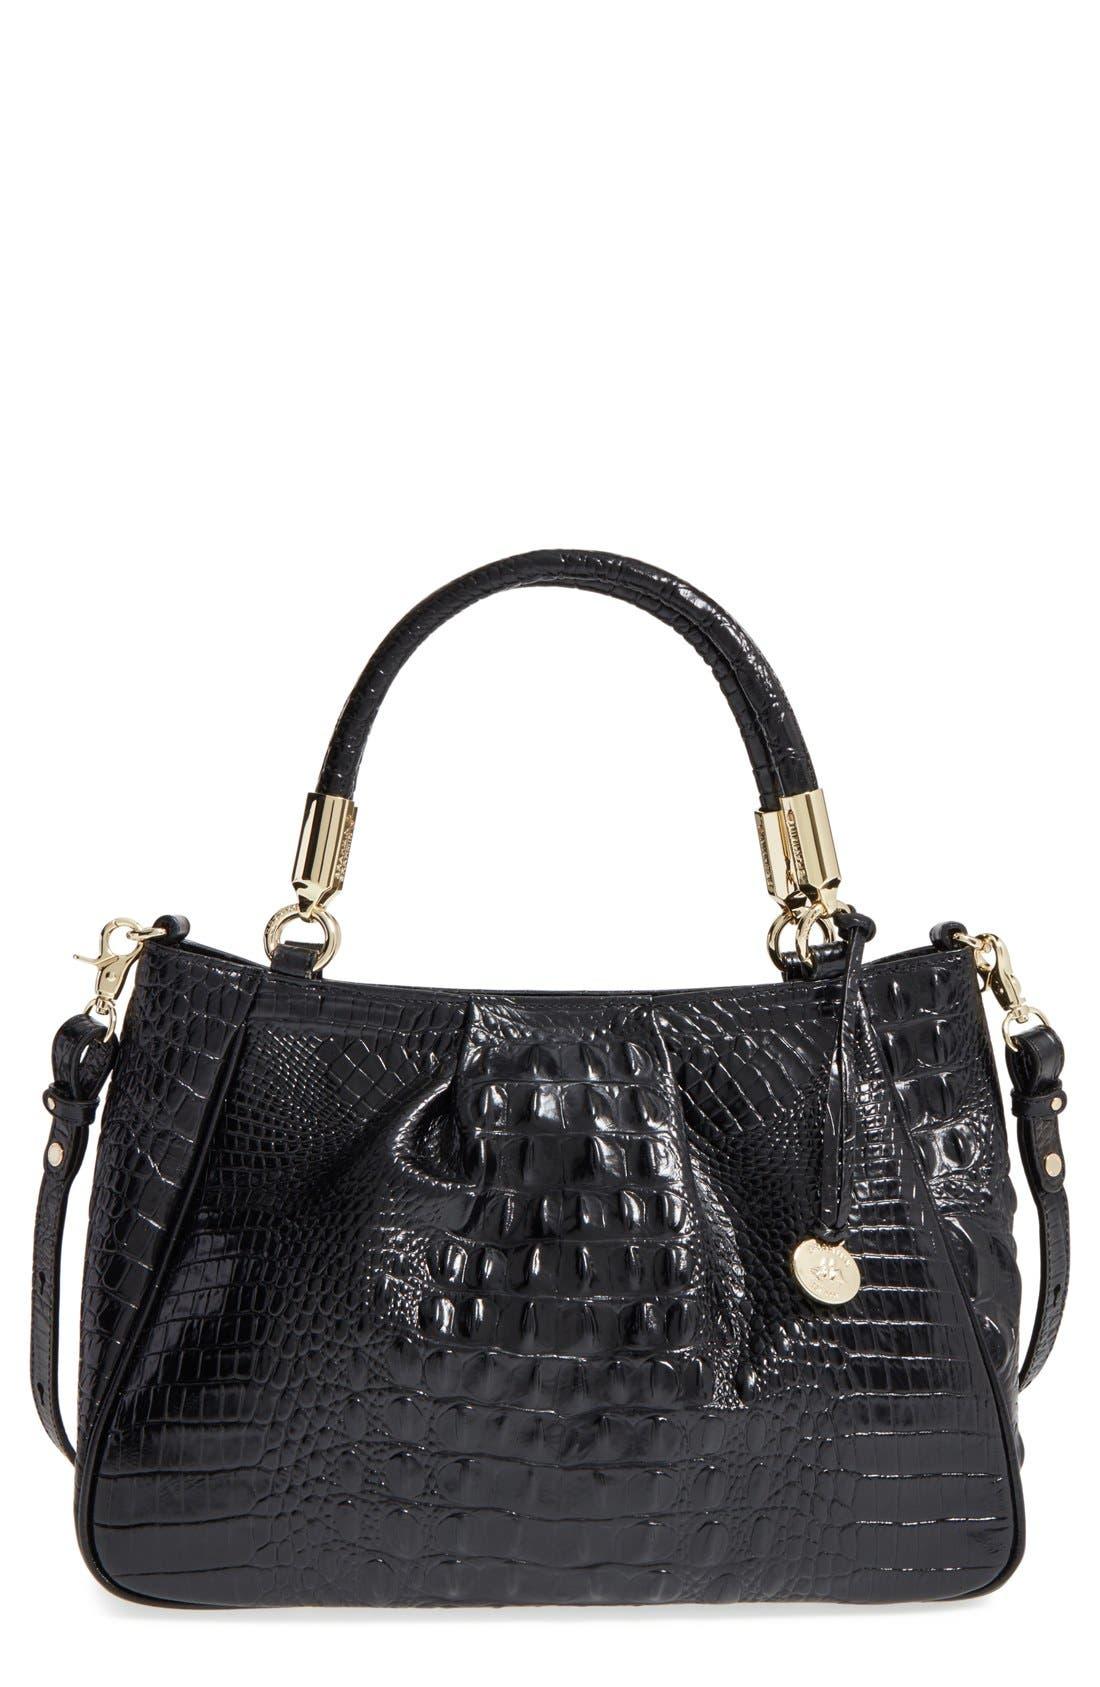 Alternate Image 1 Selected - Brahmin Ruby Croc Embossed Leather Satchel